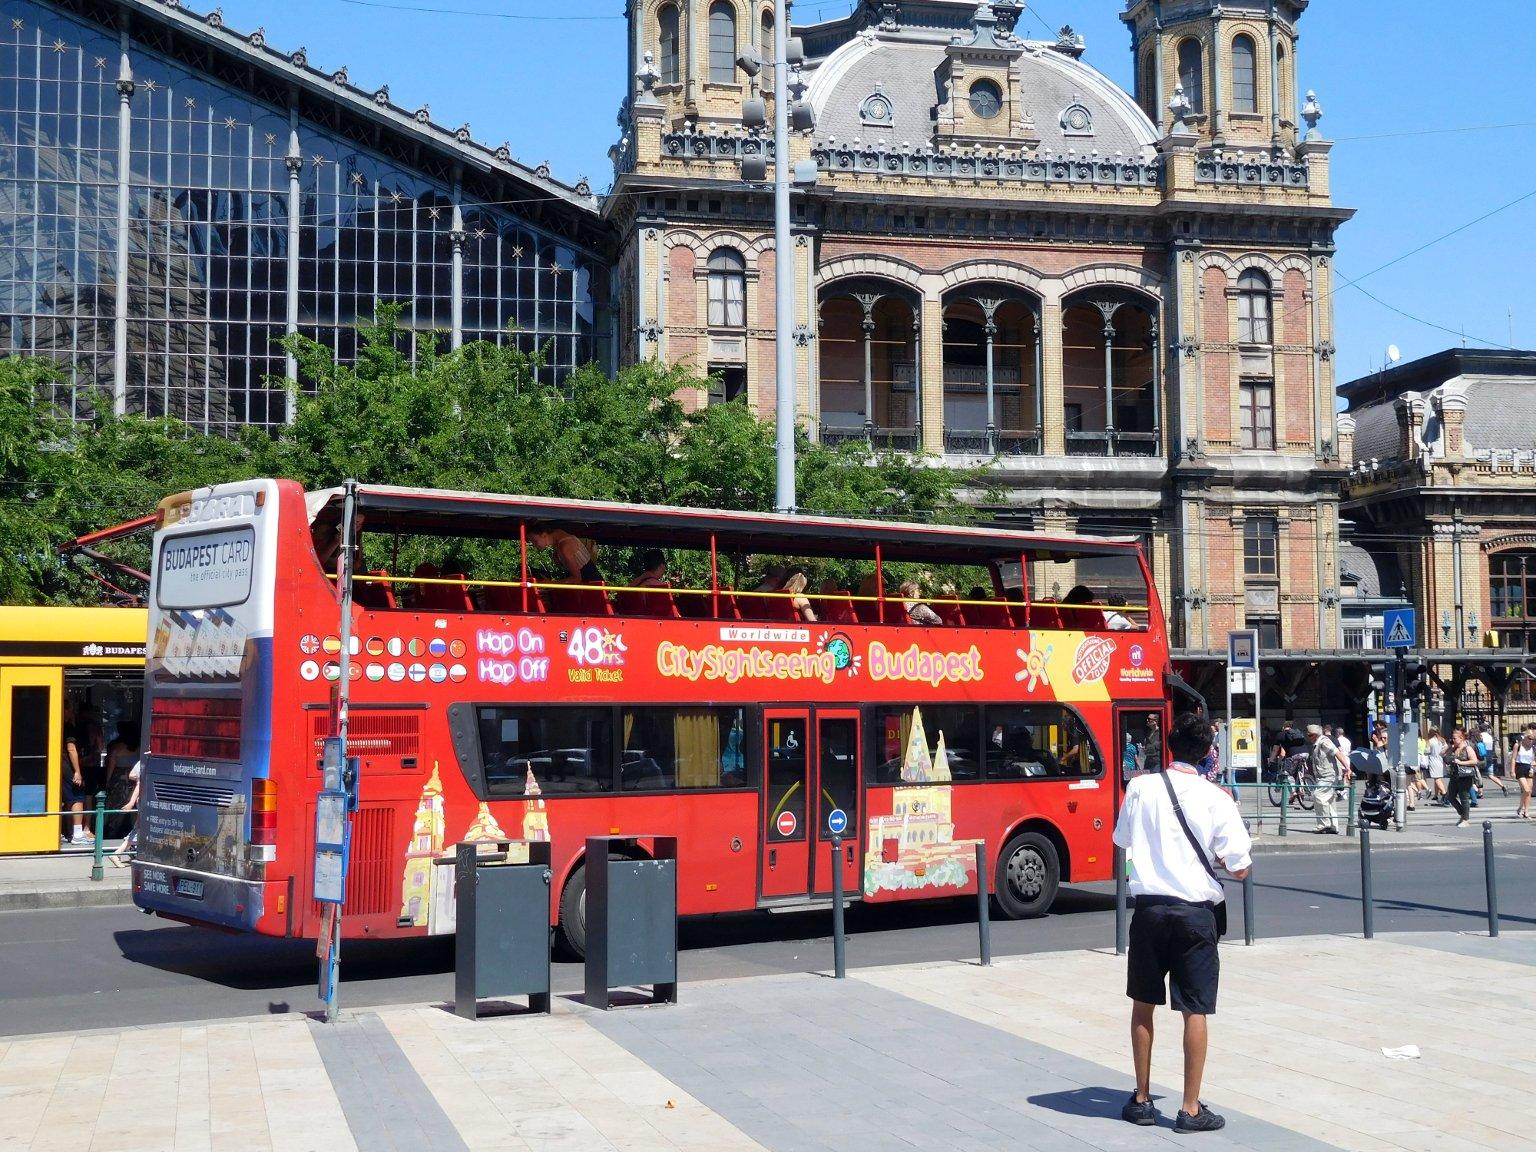 Экскурсионный автобус Hop on Hop off в Будапеште